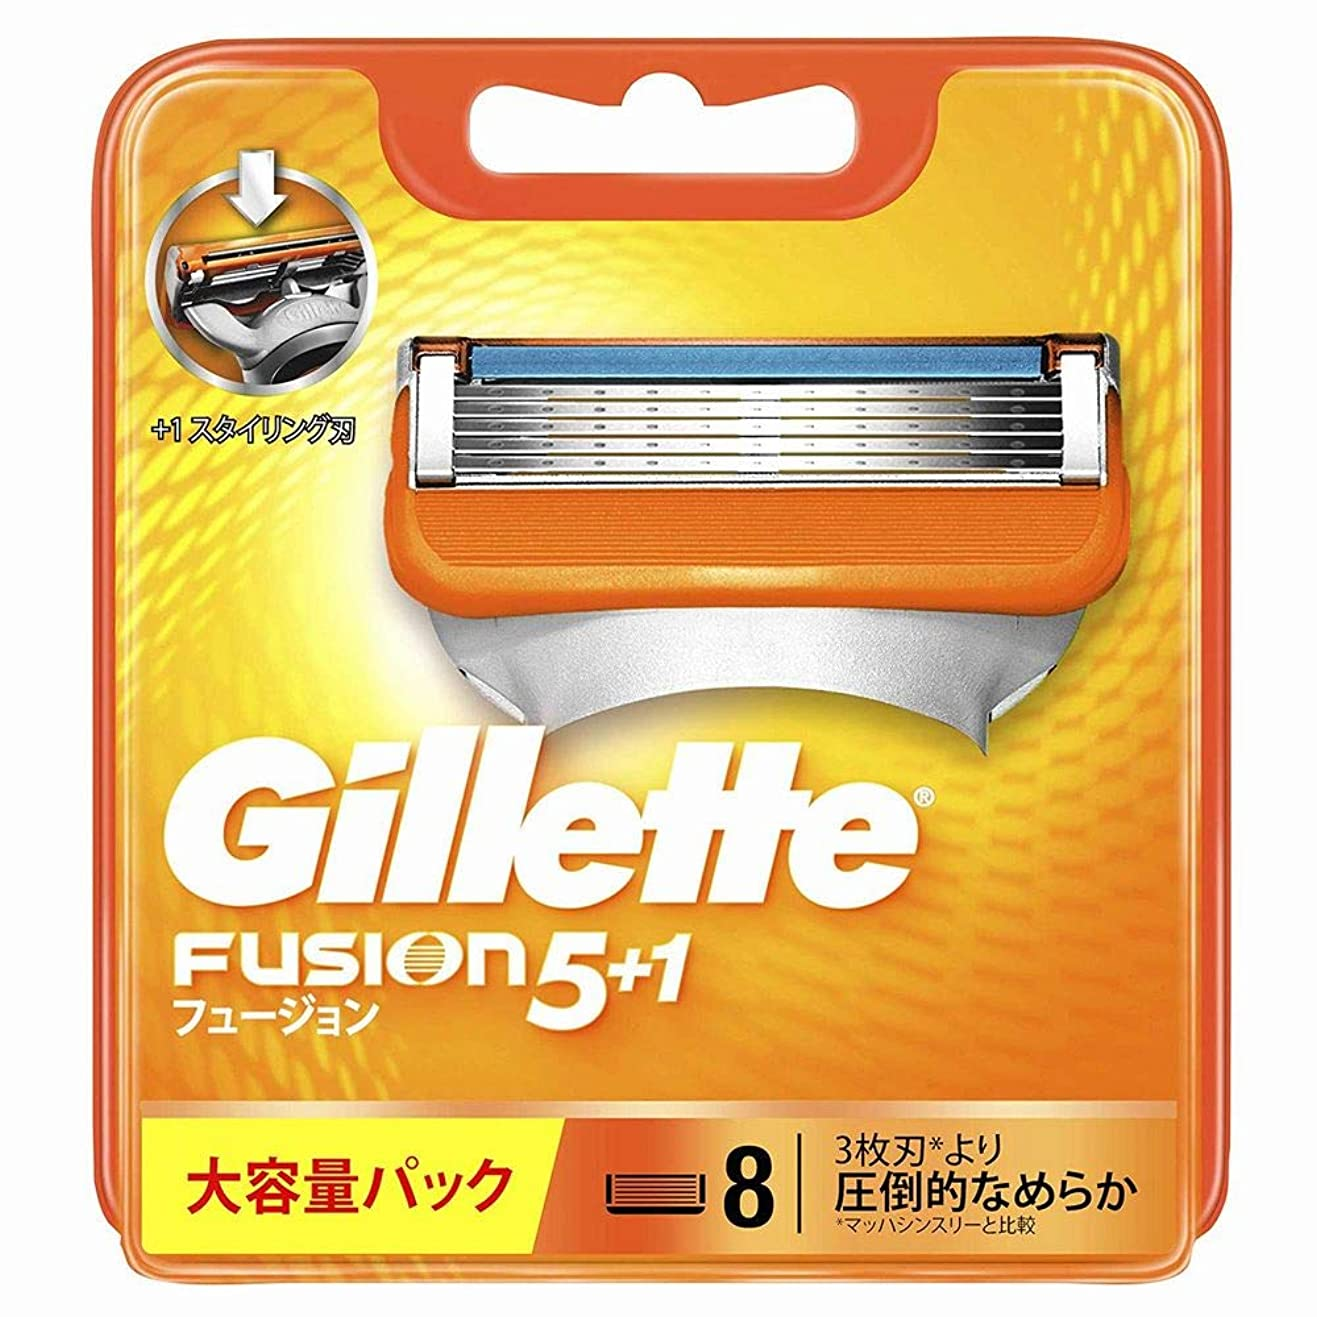 談話バンジョー感じジレット 髭剃り フュージョン5+1 替刃8個入